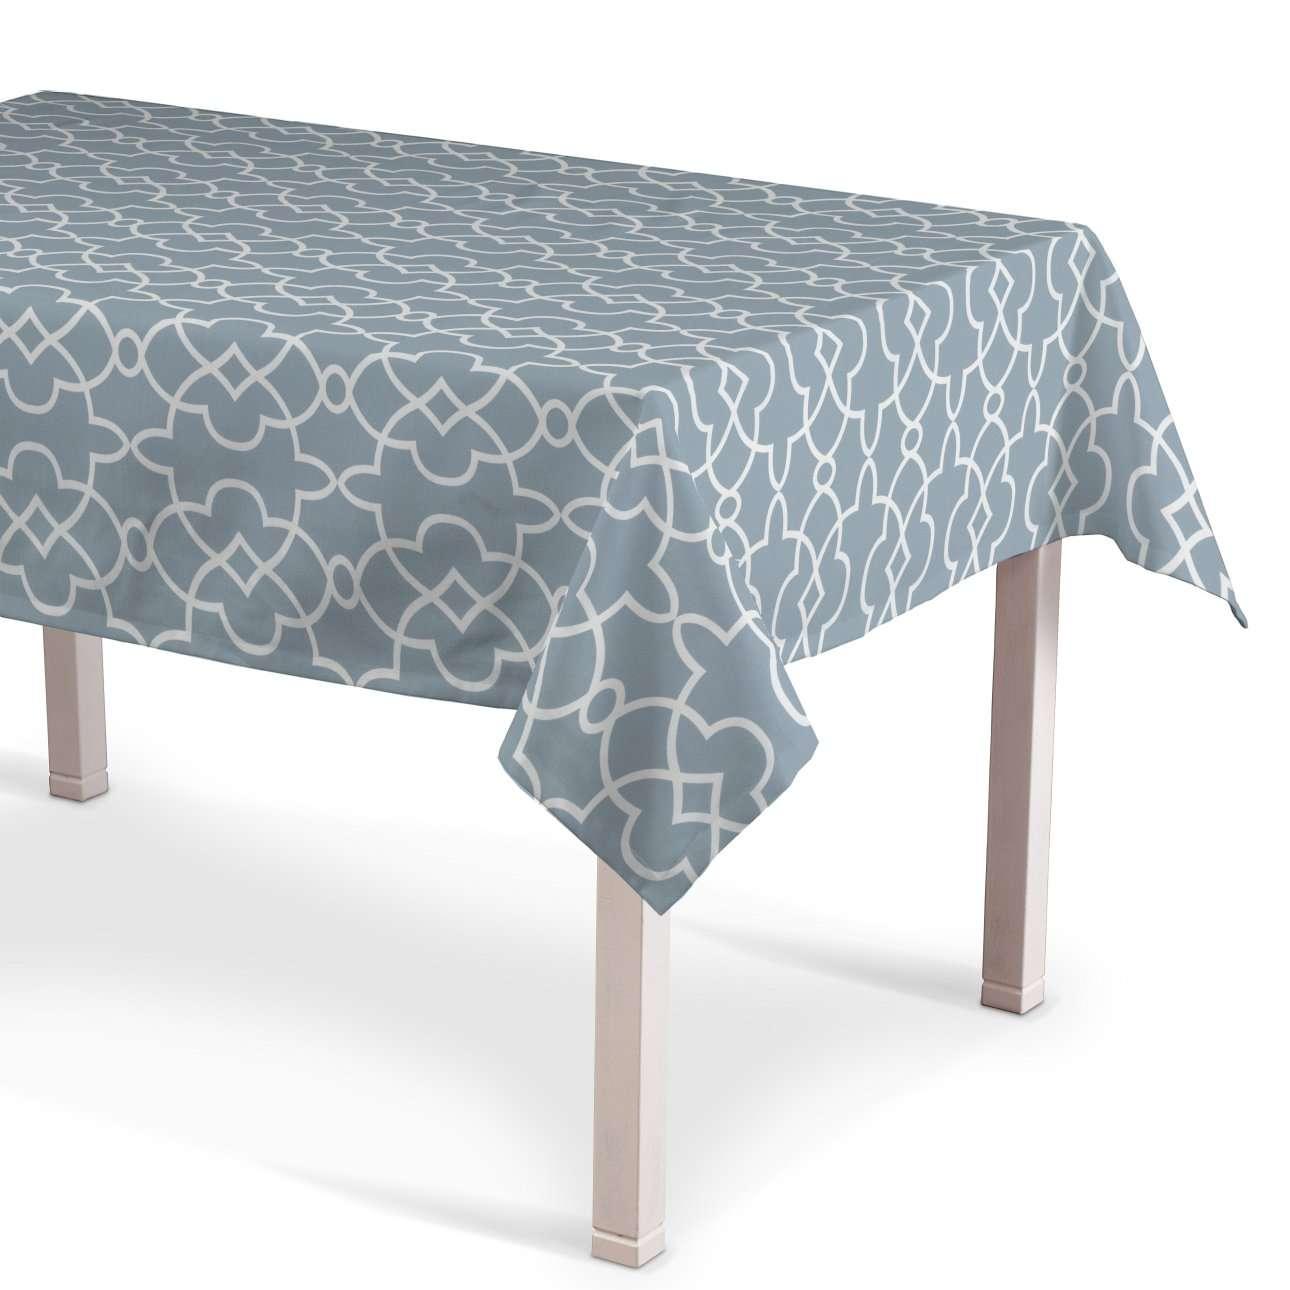 Rechteckige Tischdecke, blau-weiß, 130 × 210 cm, Gardenia | Heimtextilien > Tischdecken und Co > Tischdecken | Dekoria